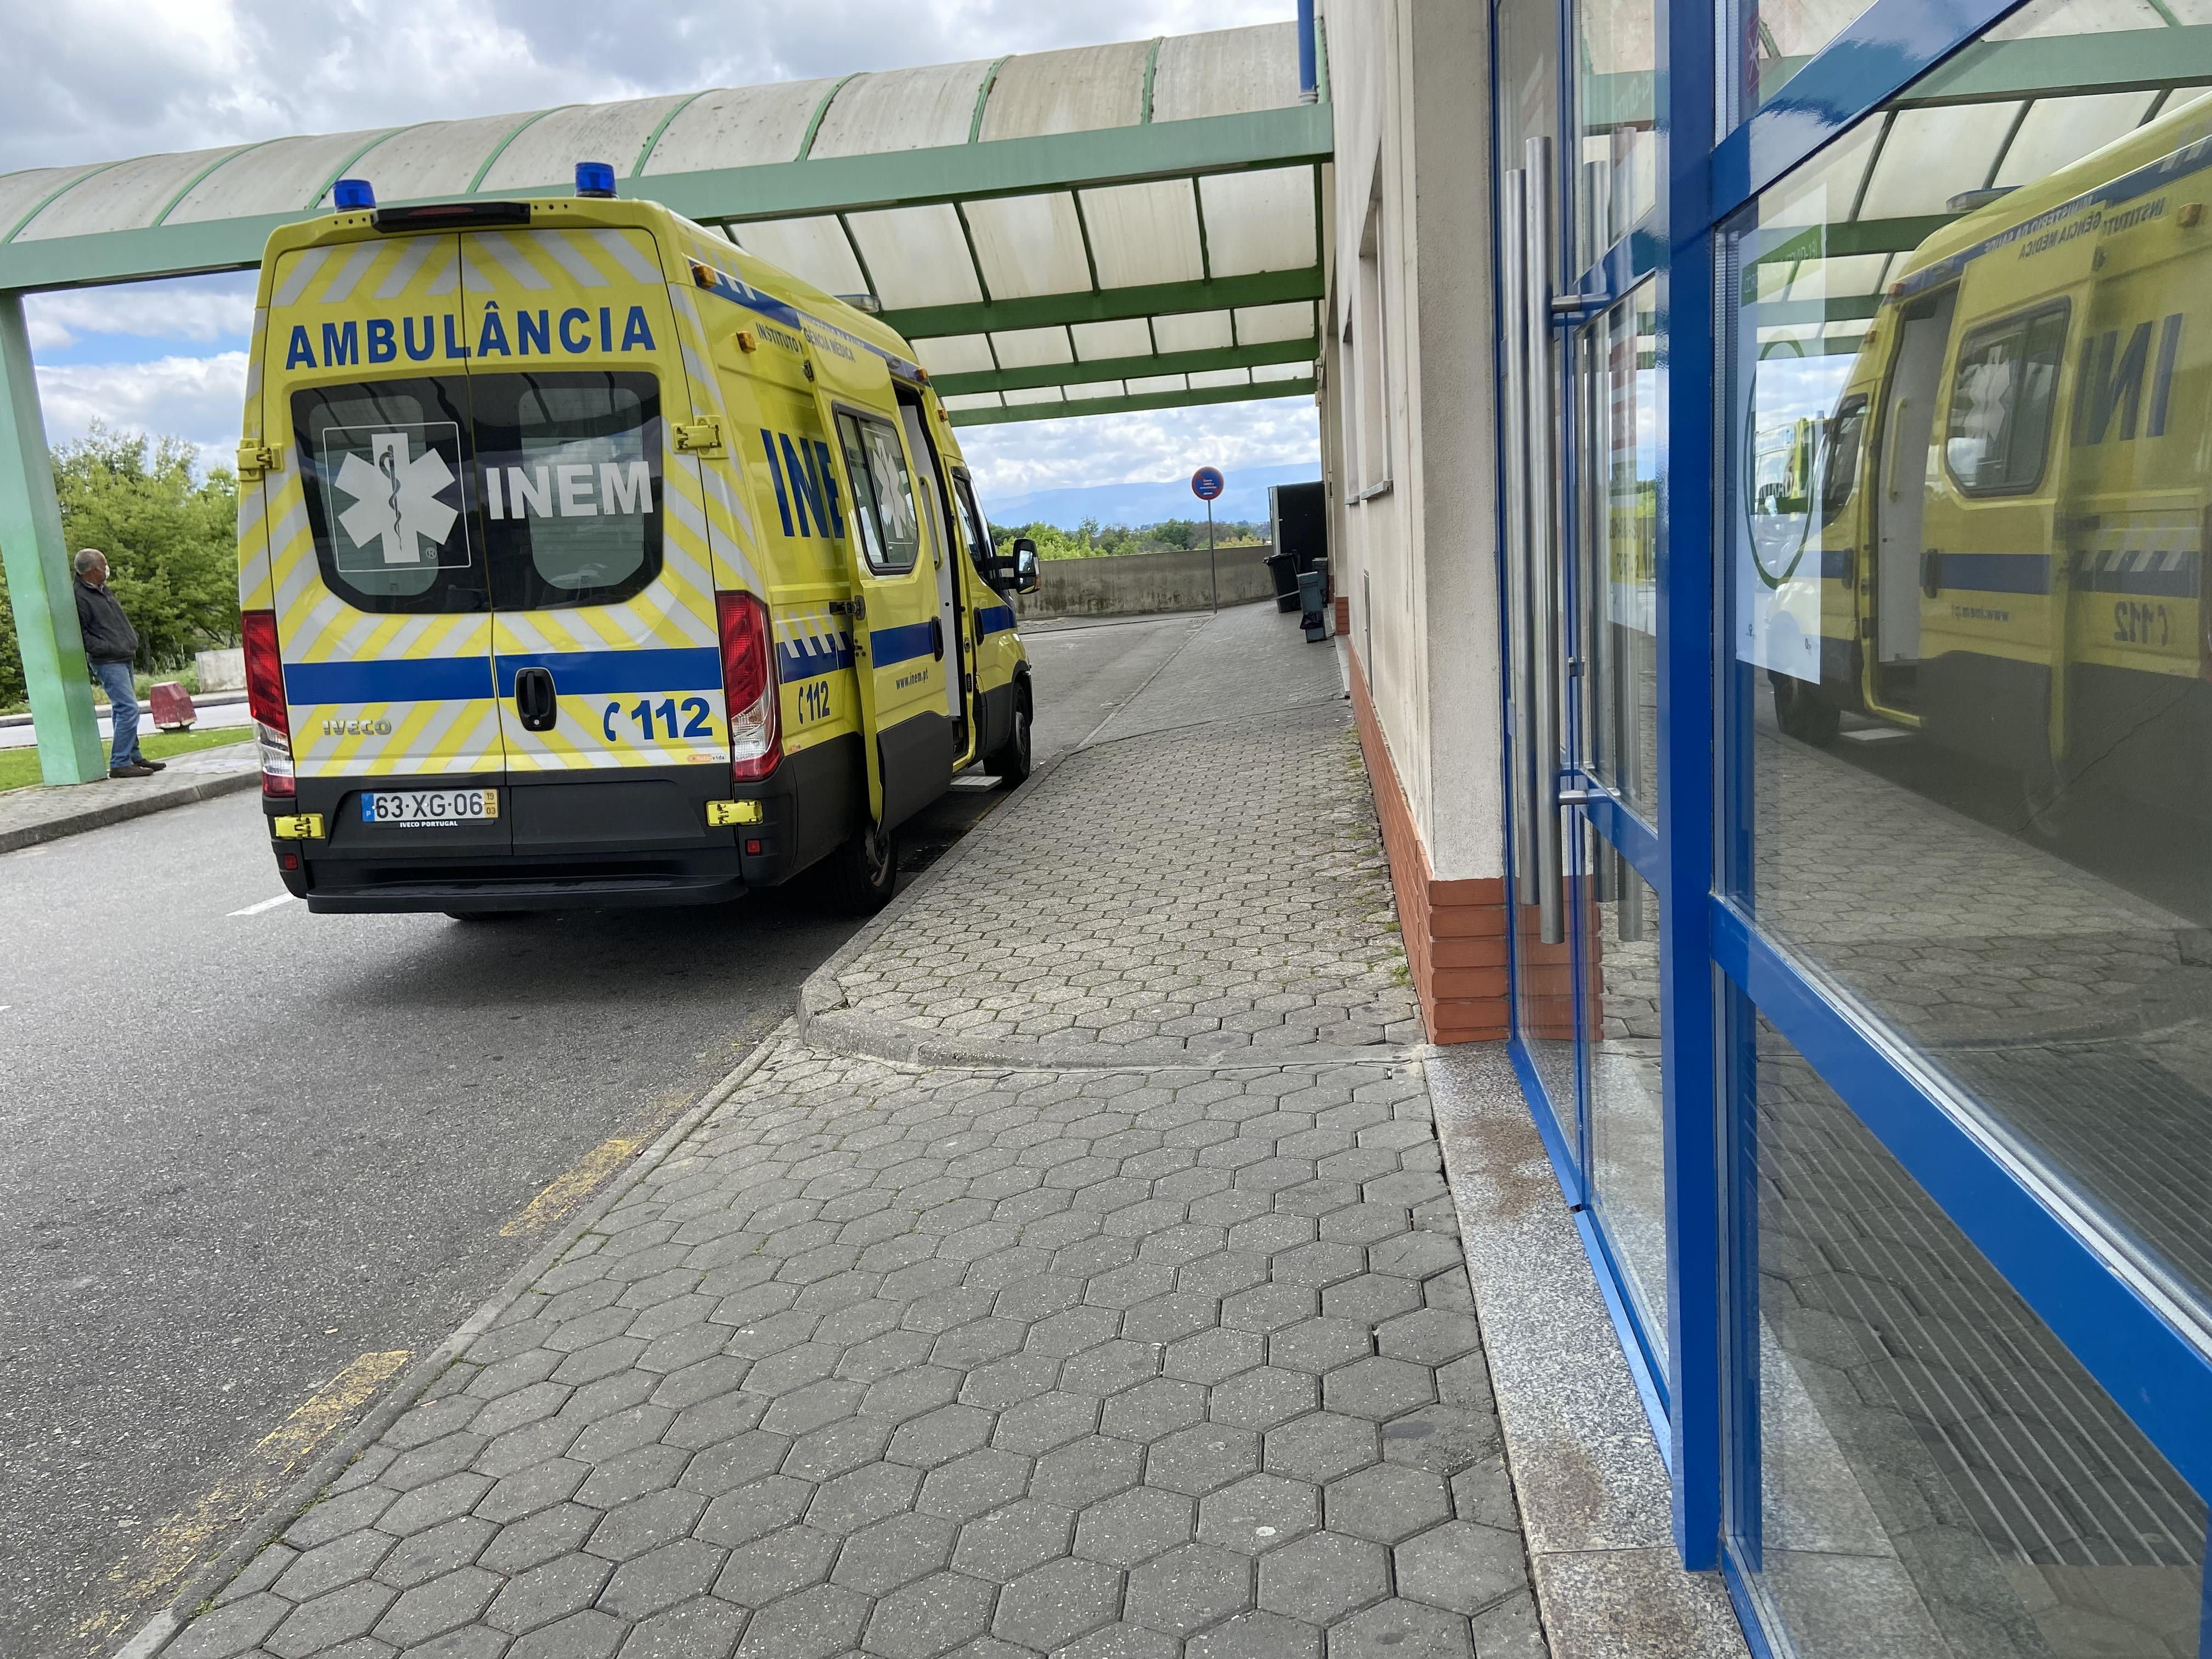 INEM à entrada do hospital viseu